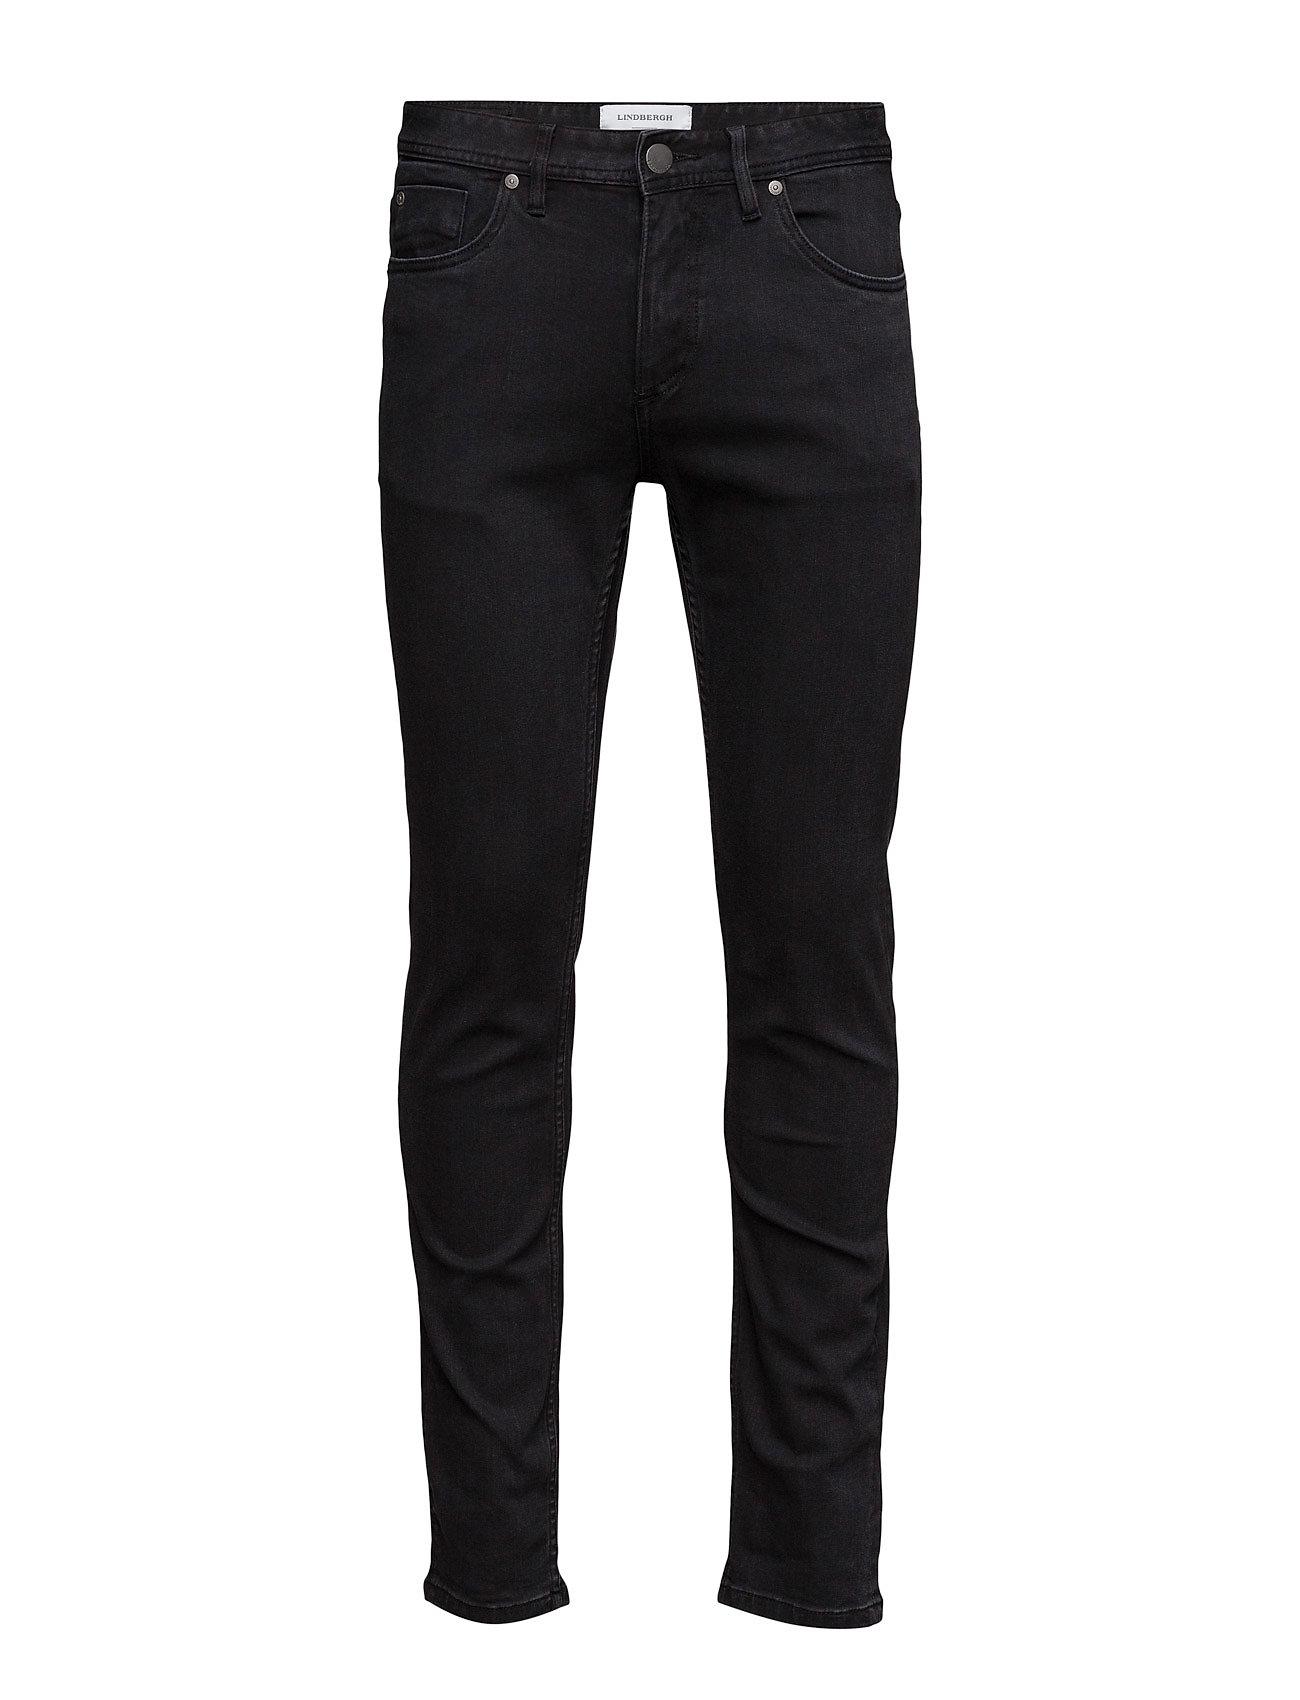 Skinnyfithyperflexjeansblk Lindbergh Jeans til Mænd i